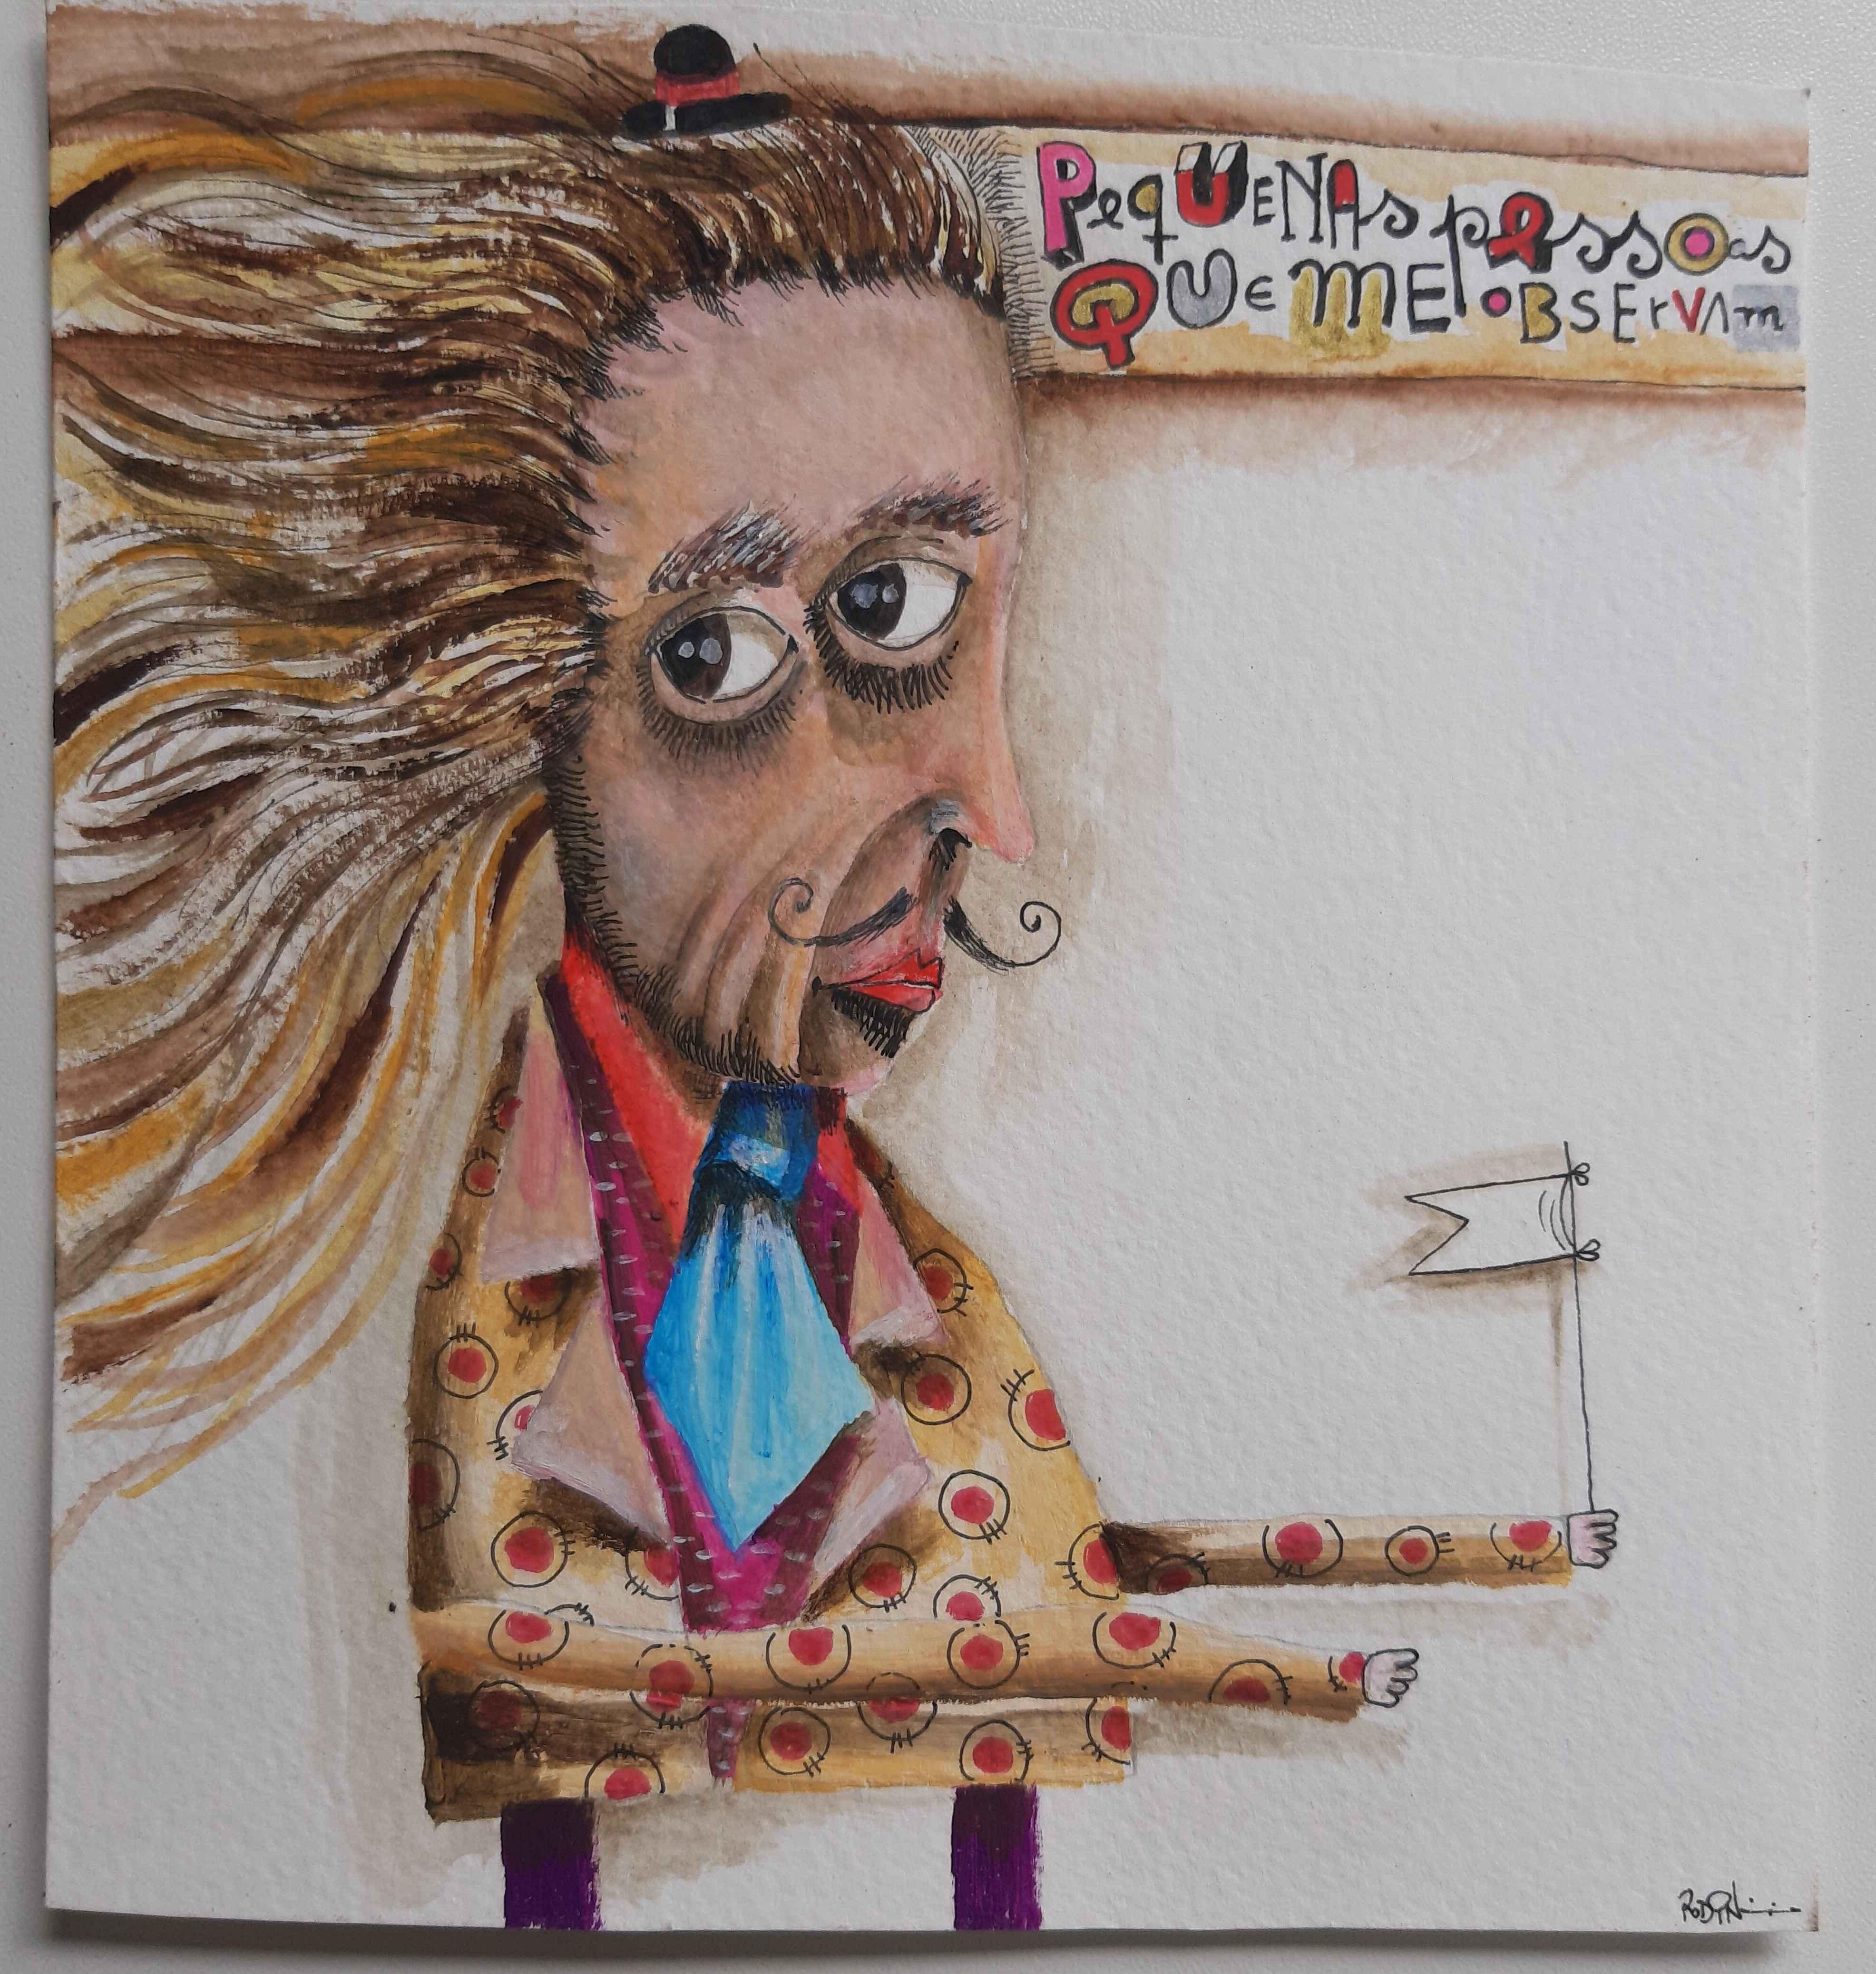 Obras do artistas Rodi Núñez estão entre as recompensas da reta final da campanha